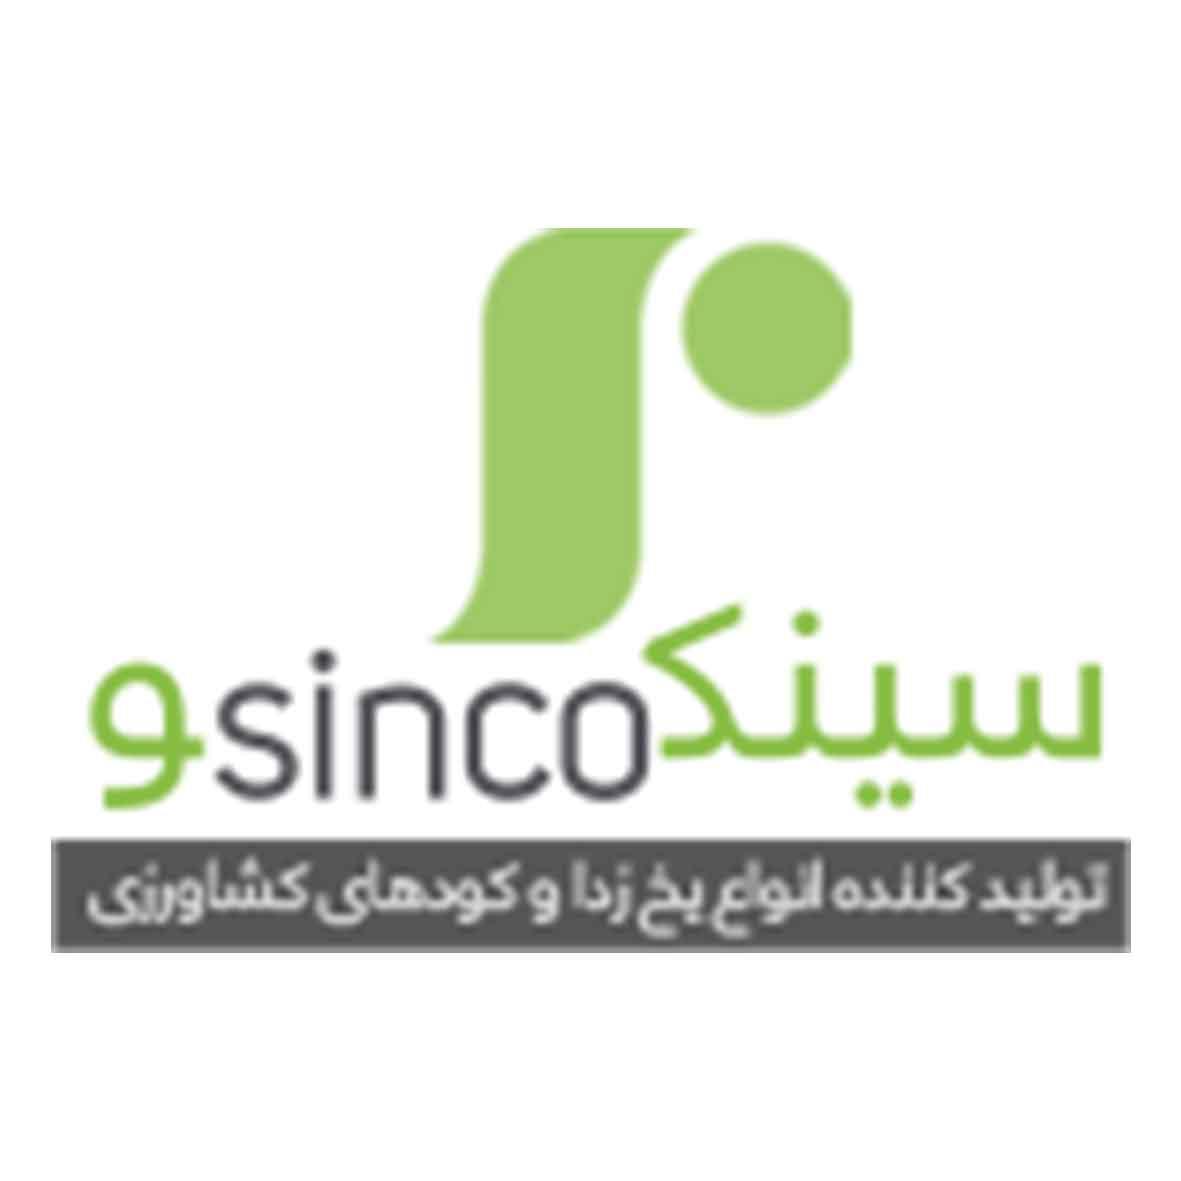 شرکت سینکو